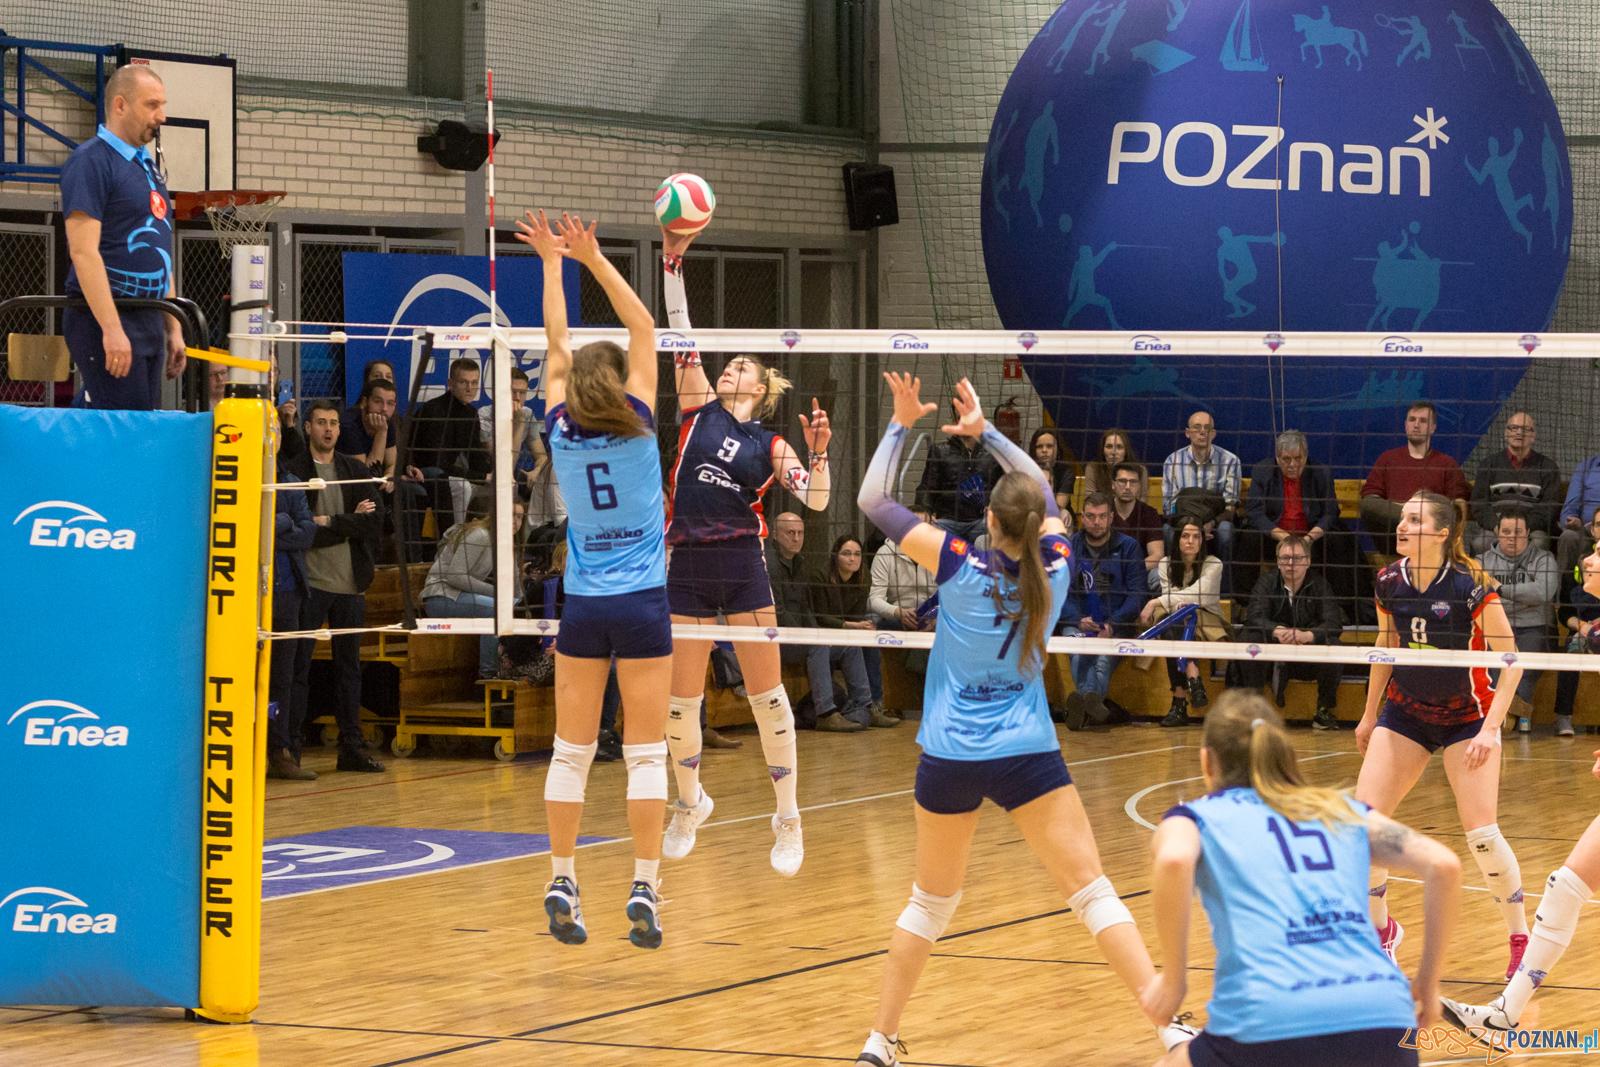 Enea Energetyk Poznań - Joker Mekro Świecie  Foto: lepszyPOZNAN.pl/Piotr Rychter